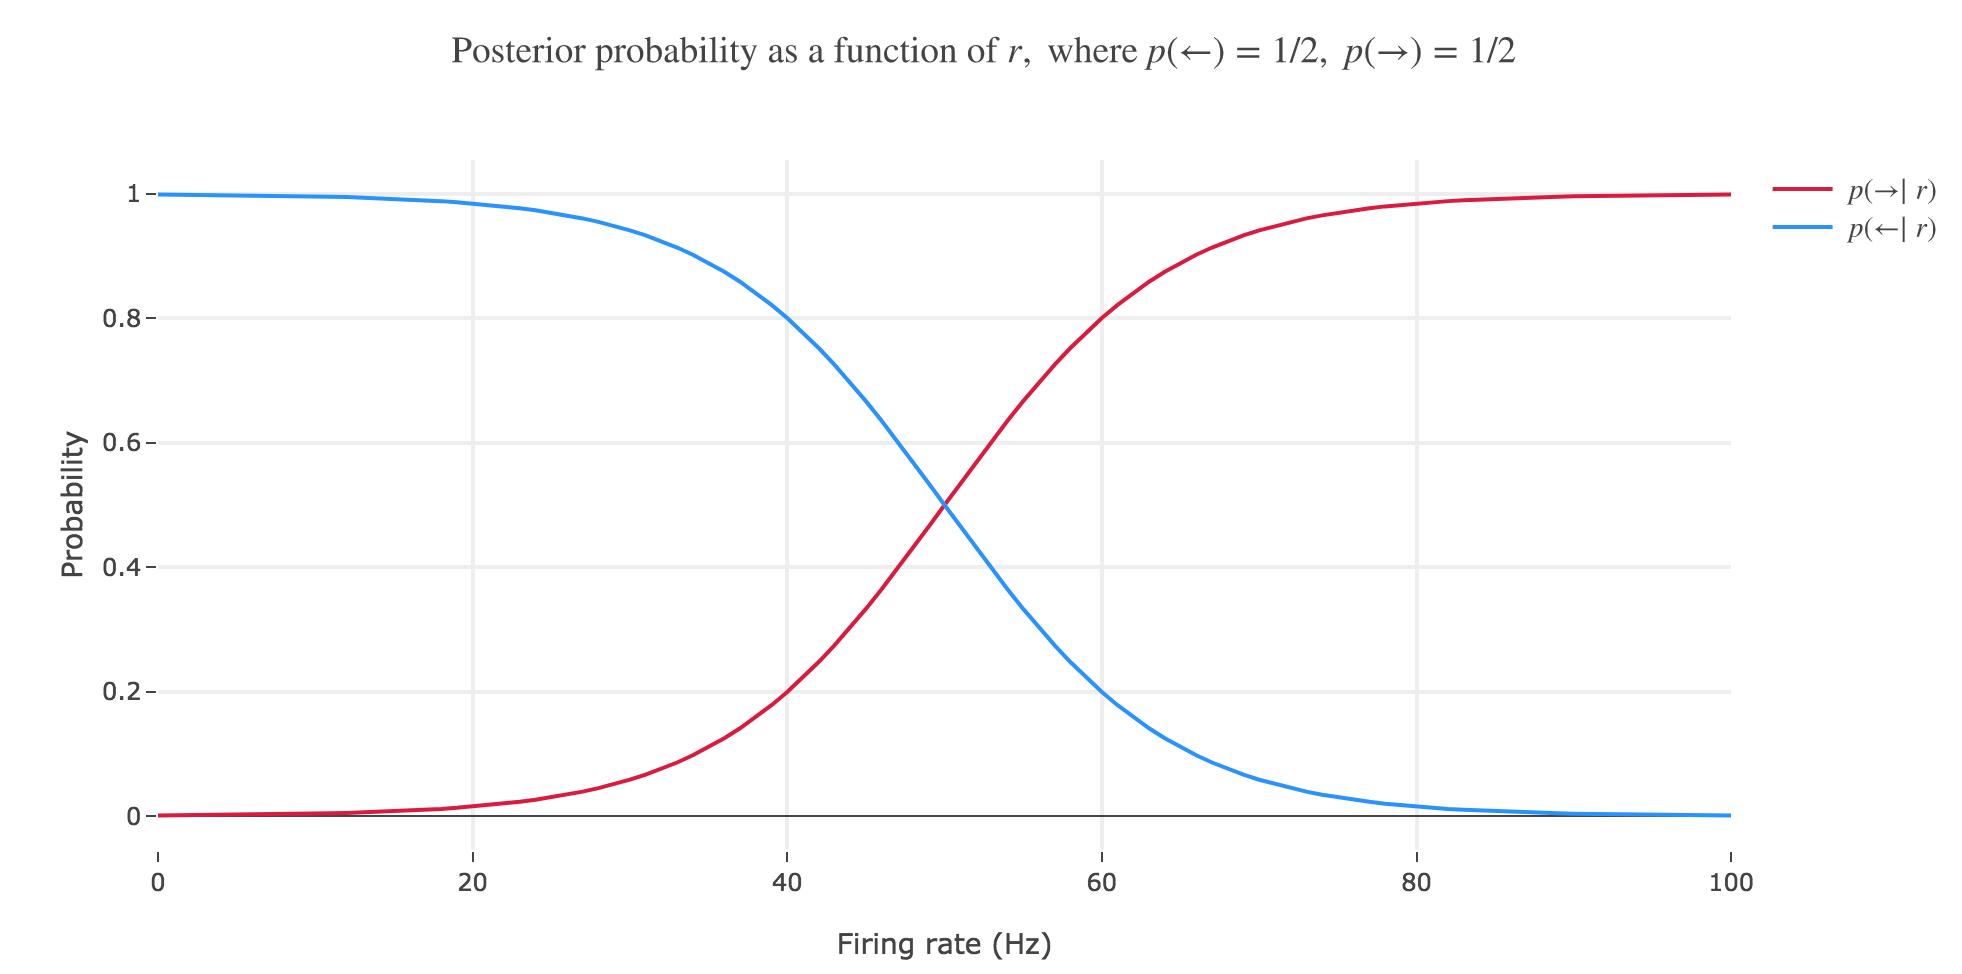 Figure 2.b.2